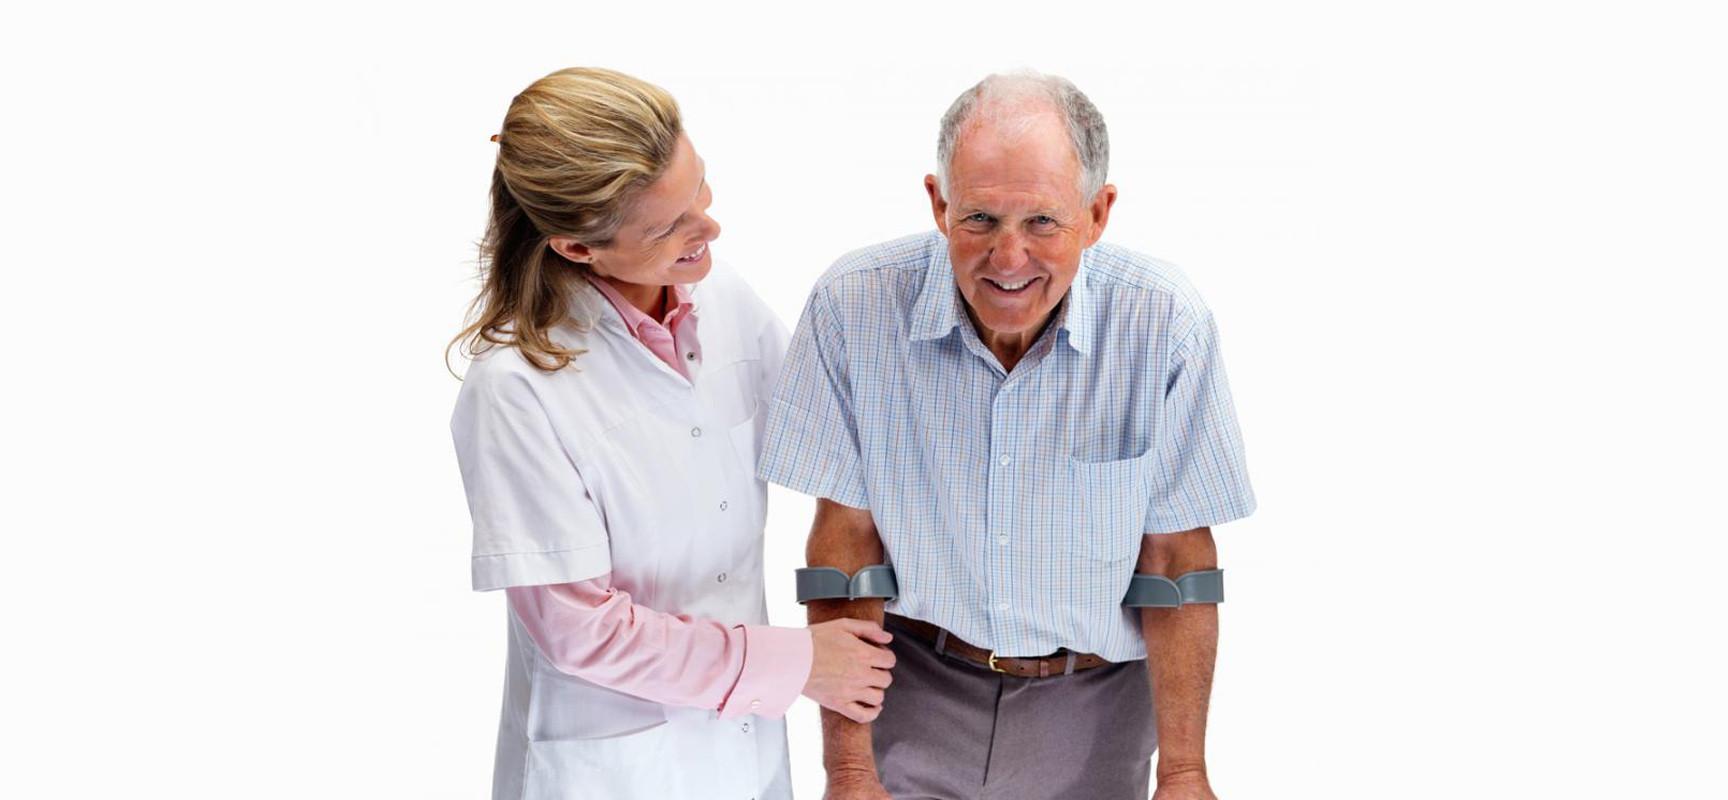 Соблюдение пациентом всех требований врача